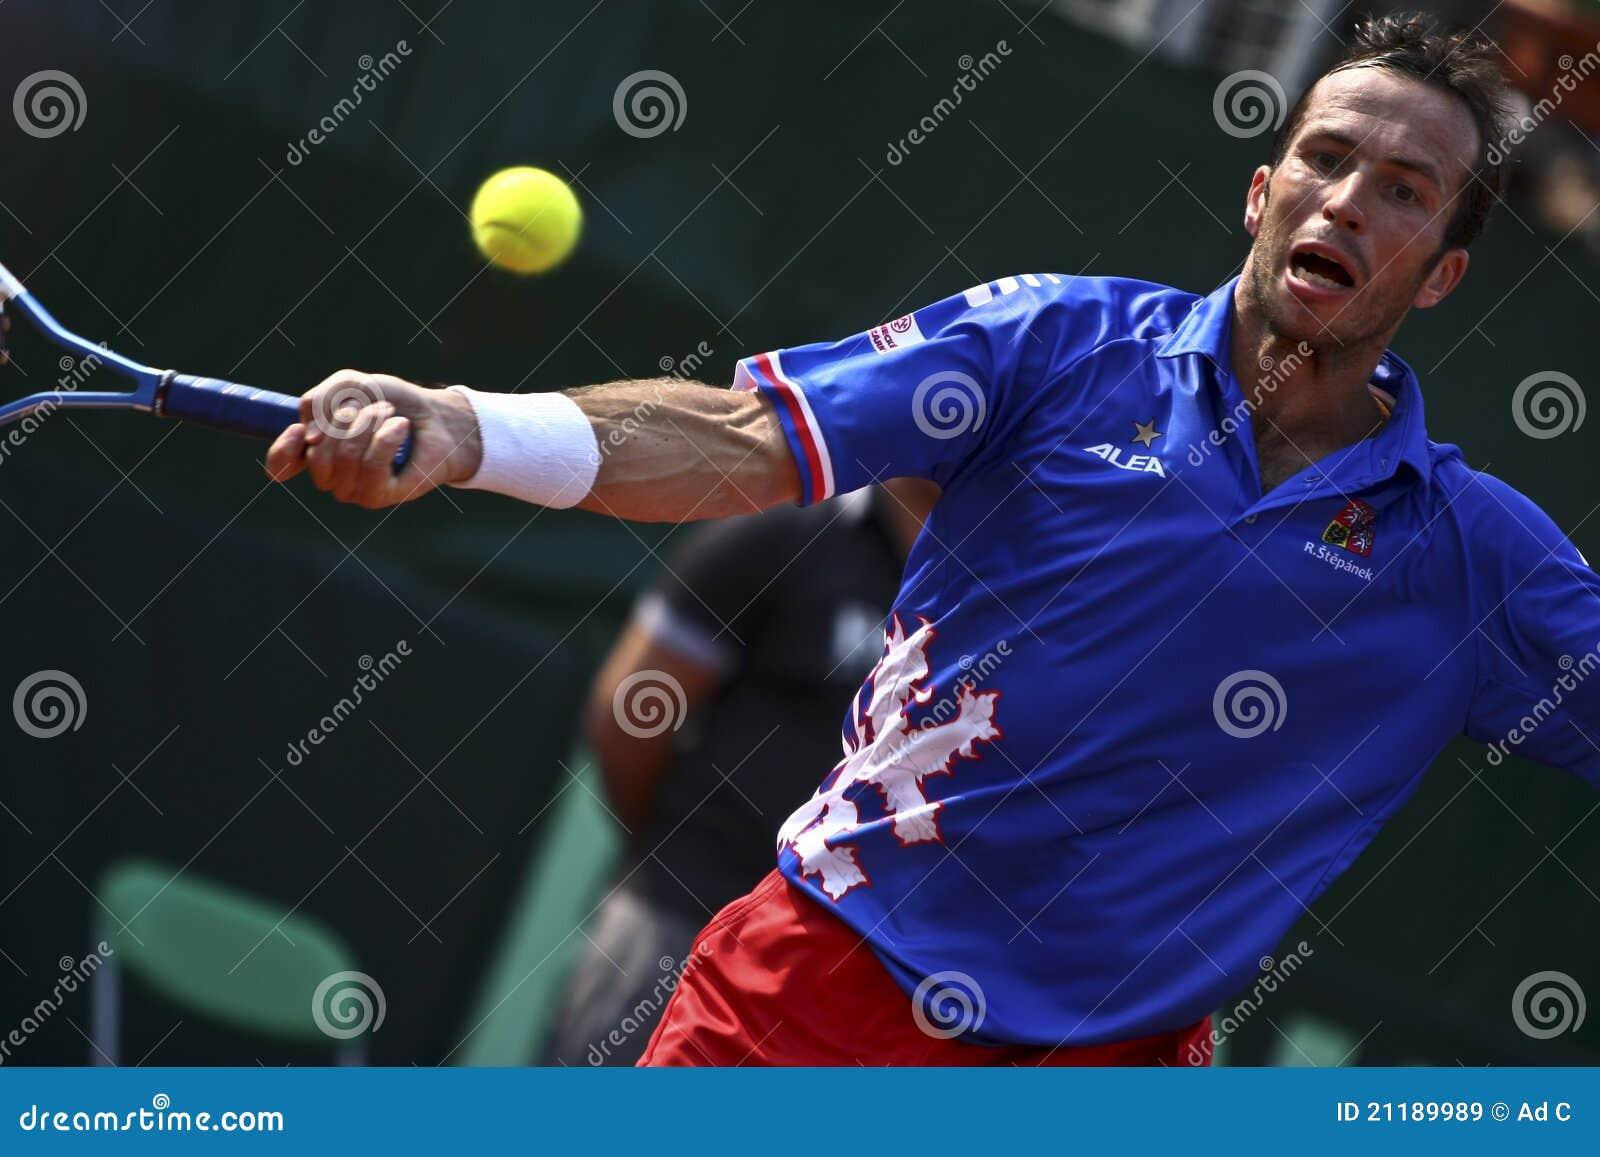 Romania-Czech Republic, Davis Cup 2011